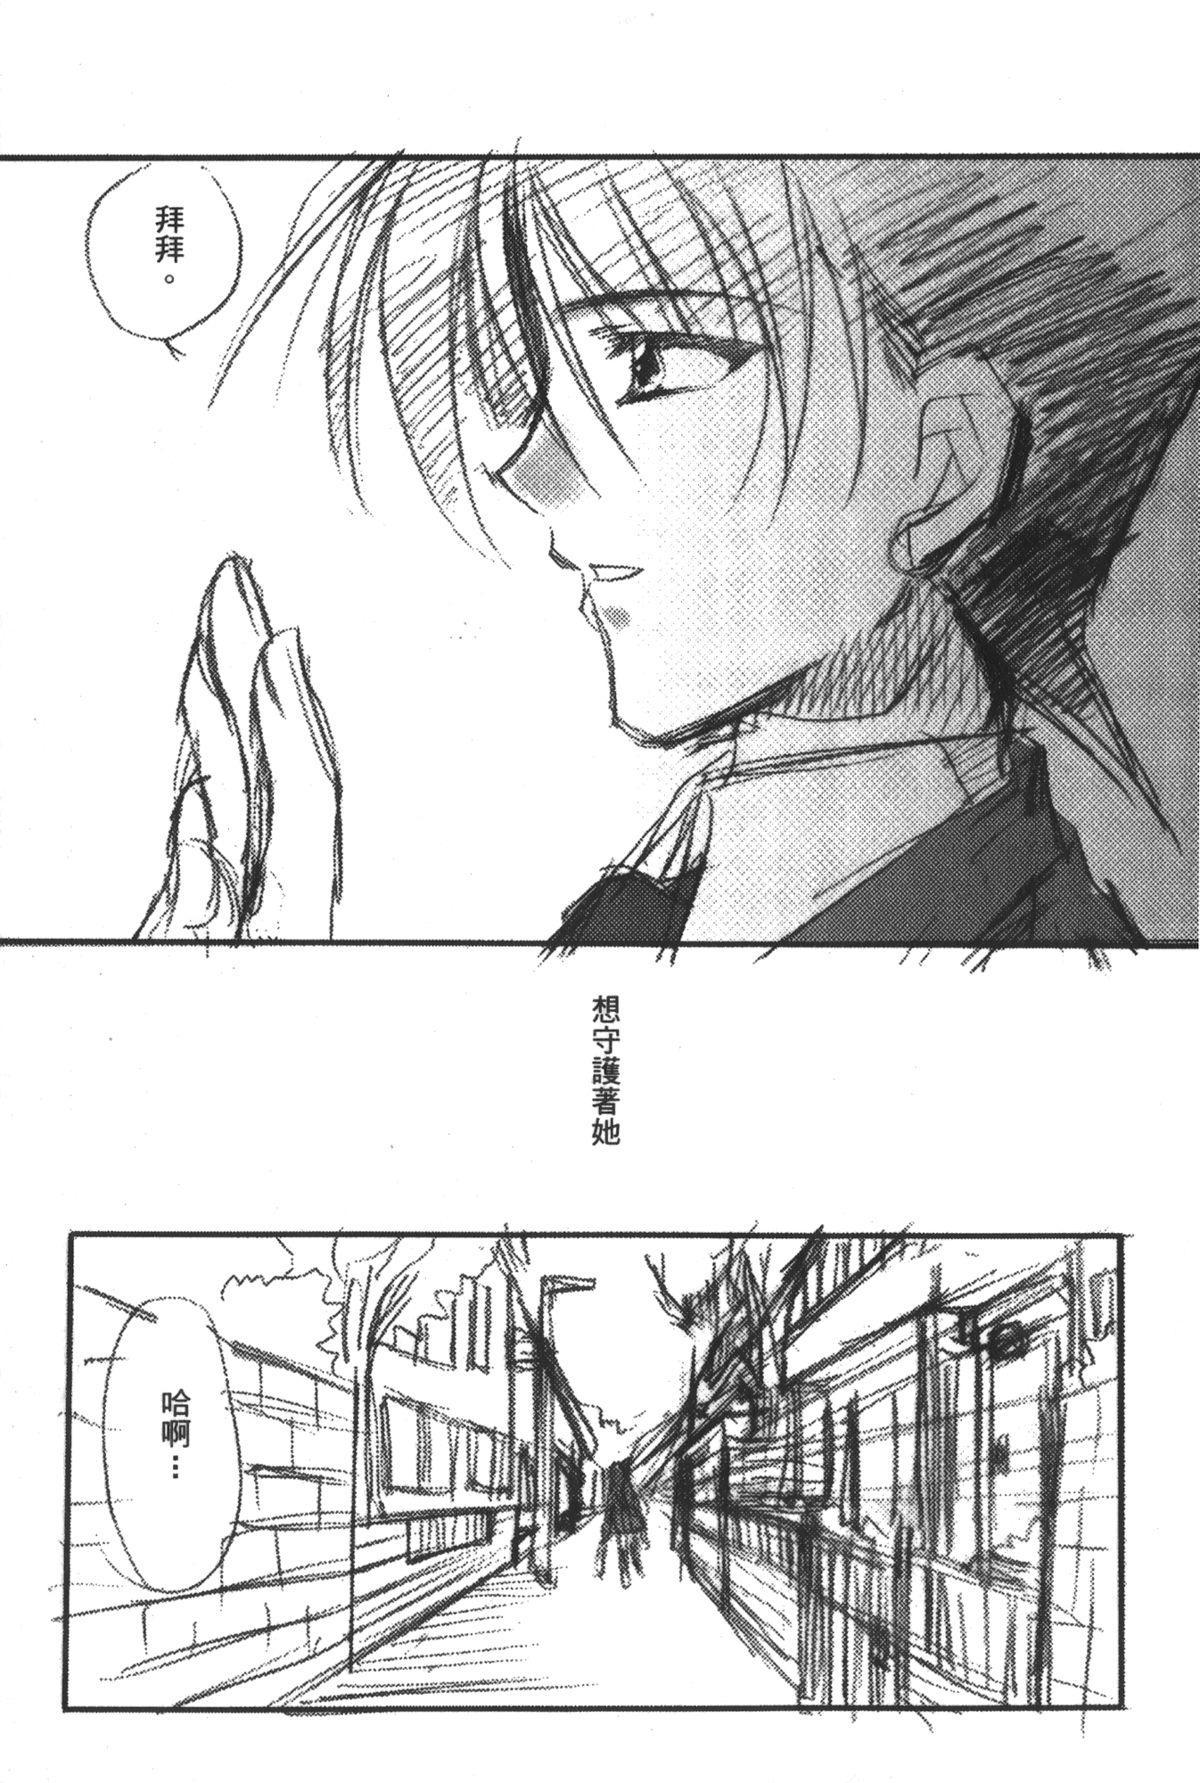 Detective Assistant Vol. 14 149